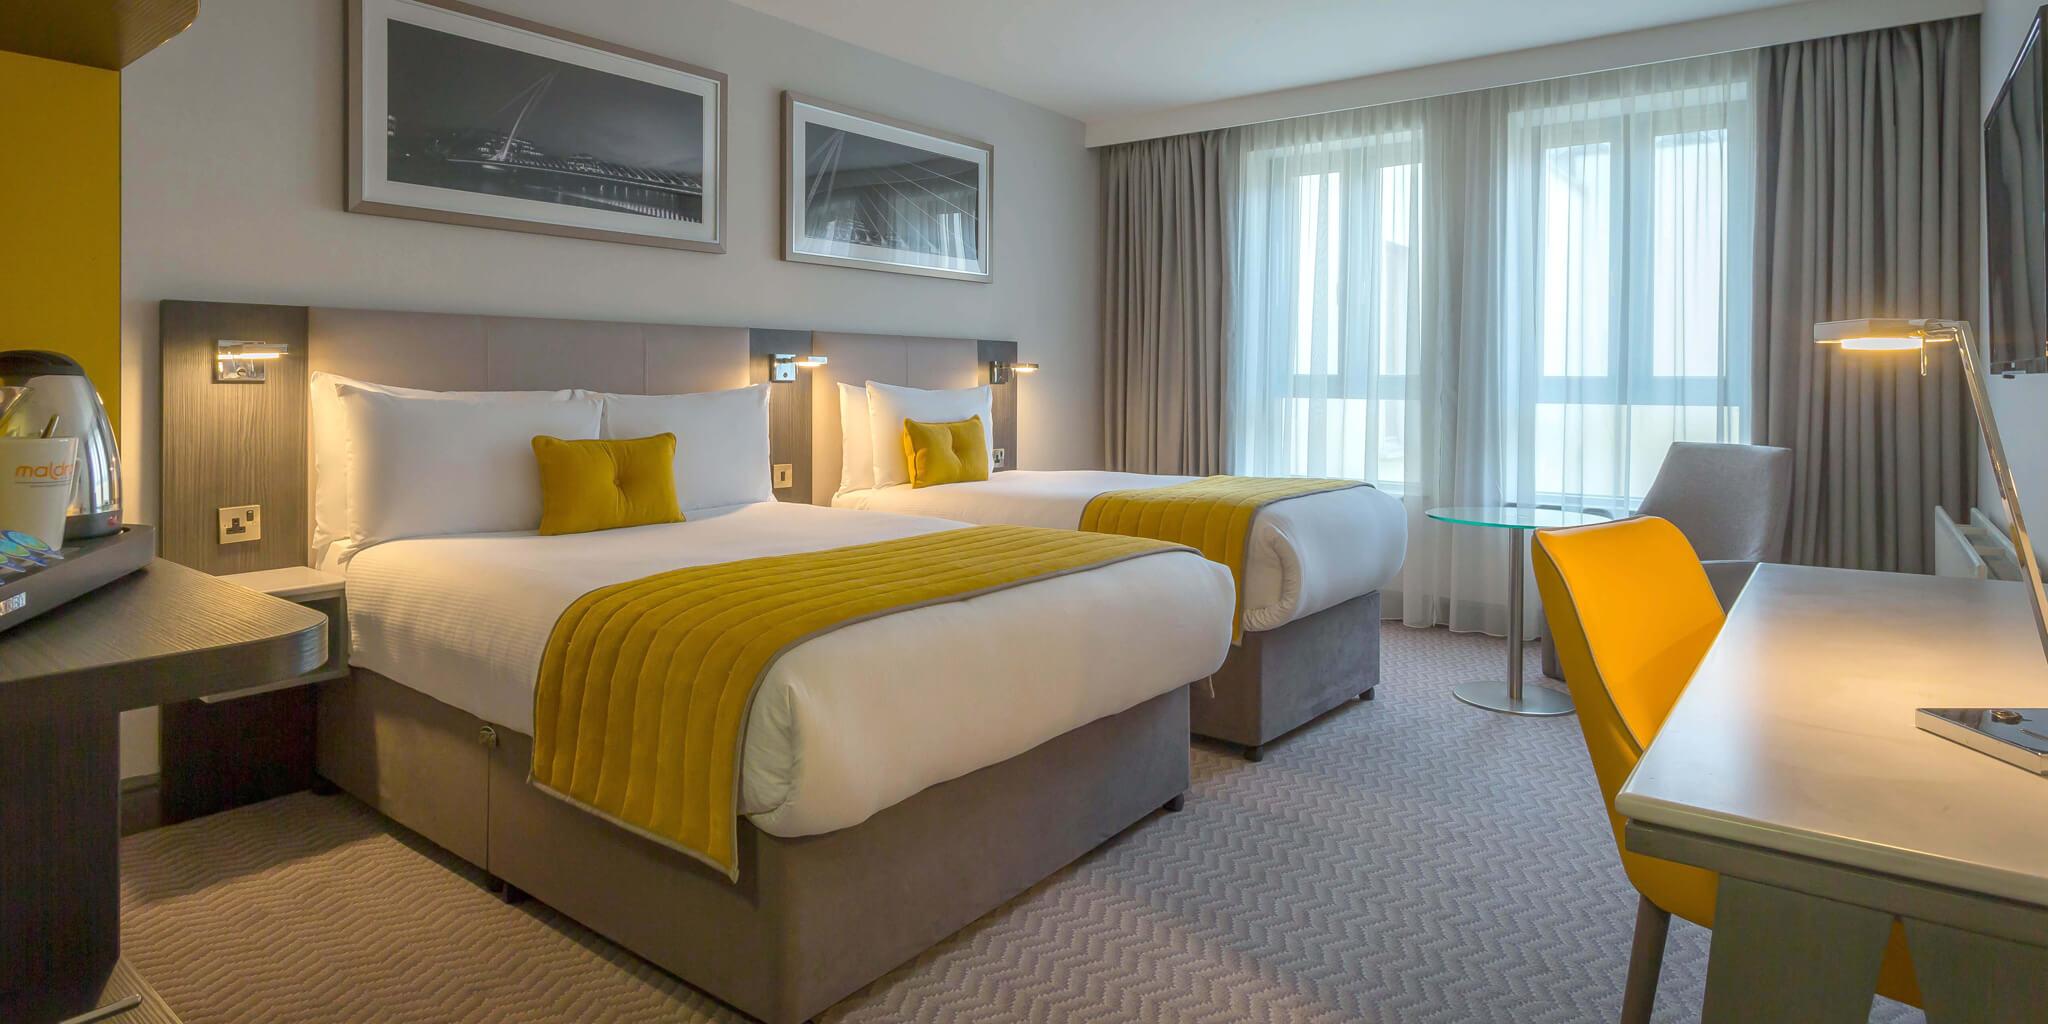 Maldron Hotel Newcastle Twin Room